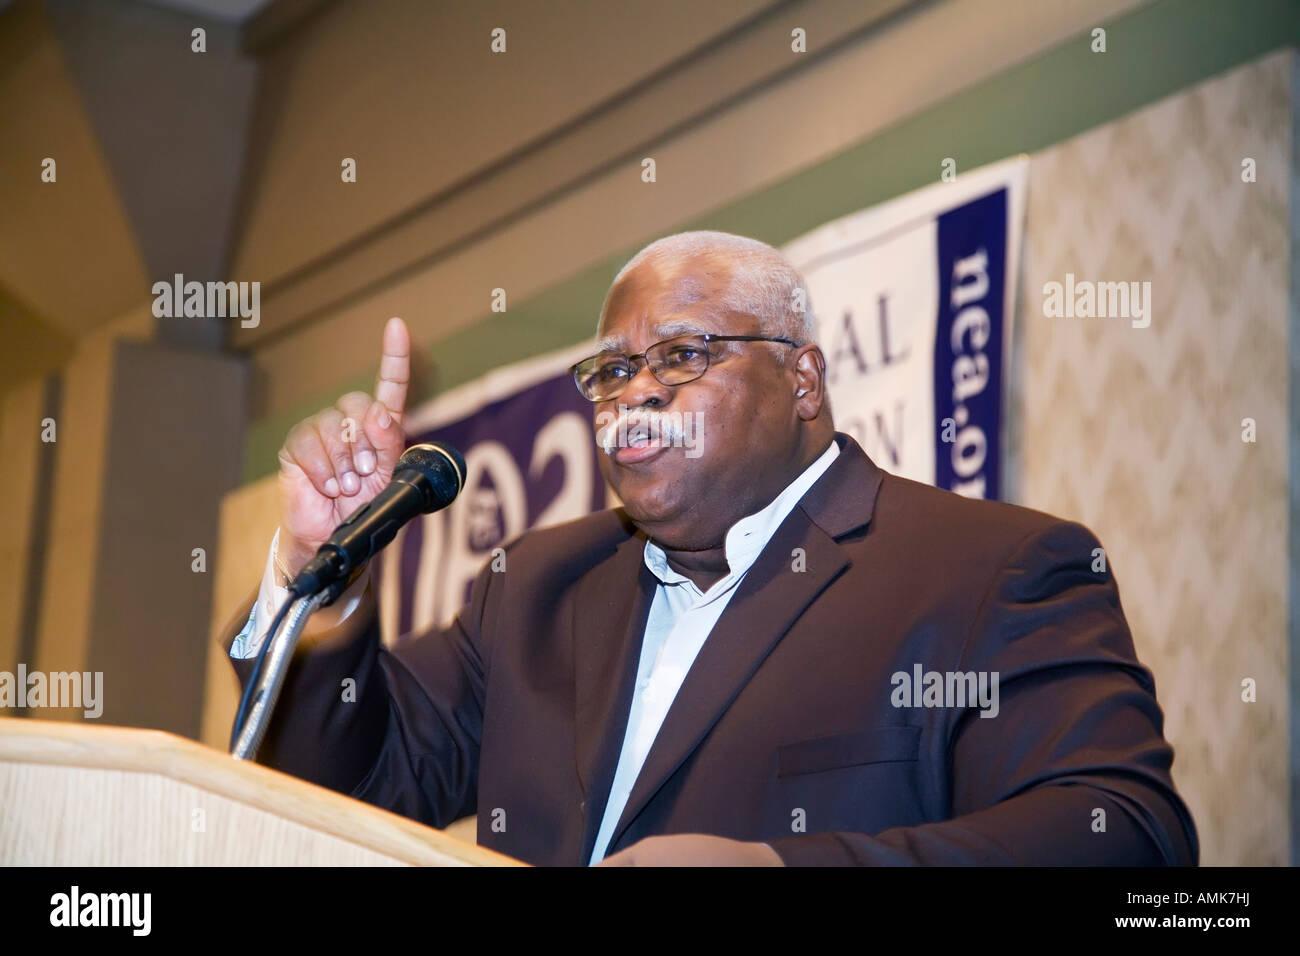 El Presidente de la Asociación Nacional de Educación Reg Weaver Imagen De Stock